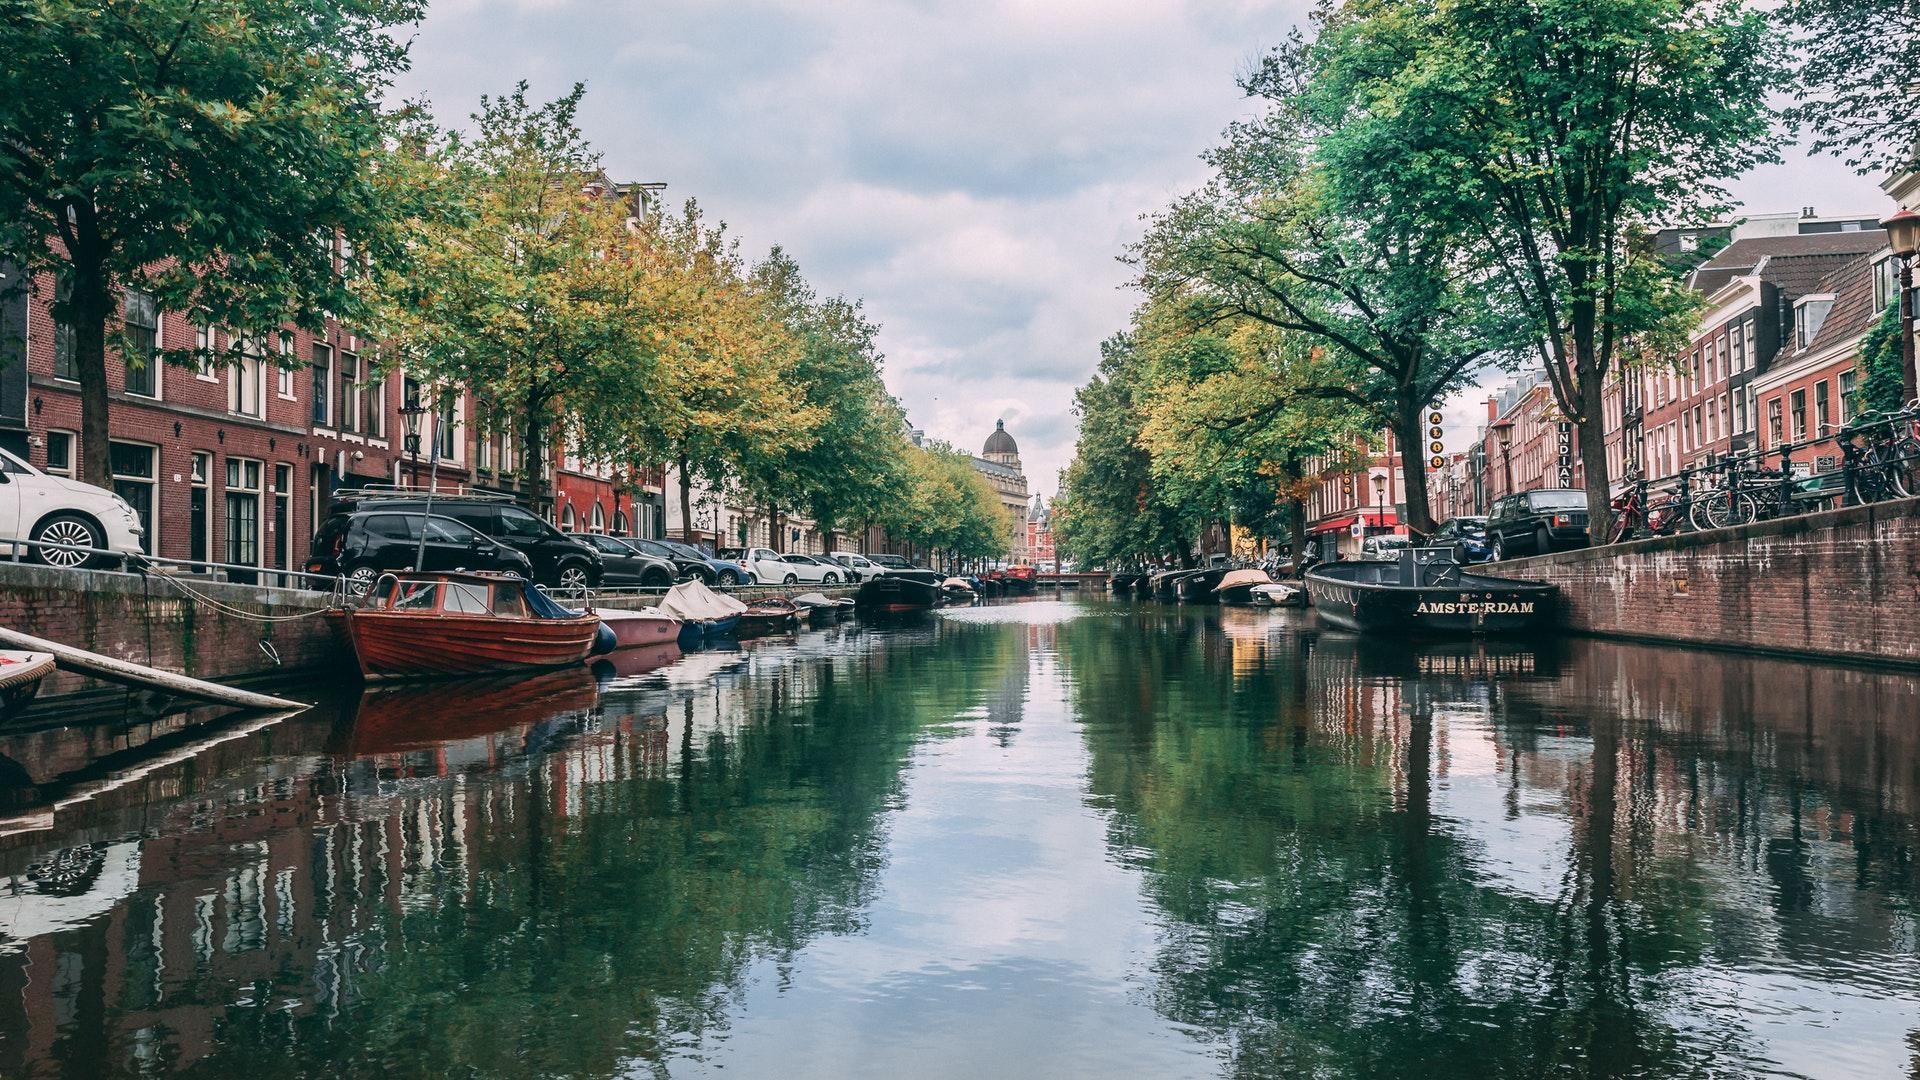 amsterdam-architecture-boats-1796705 (2)